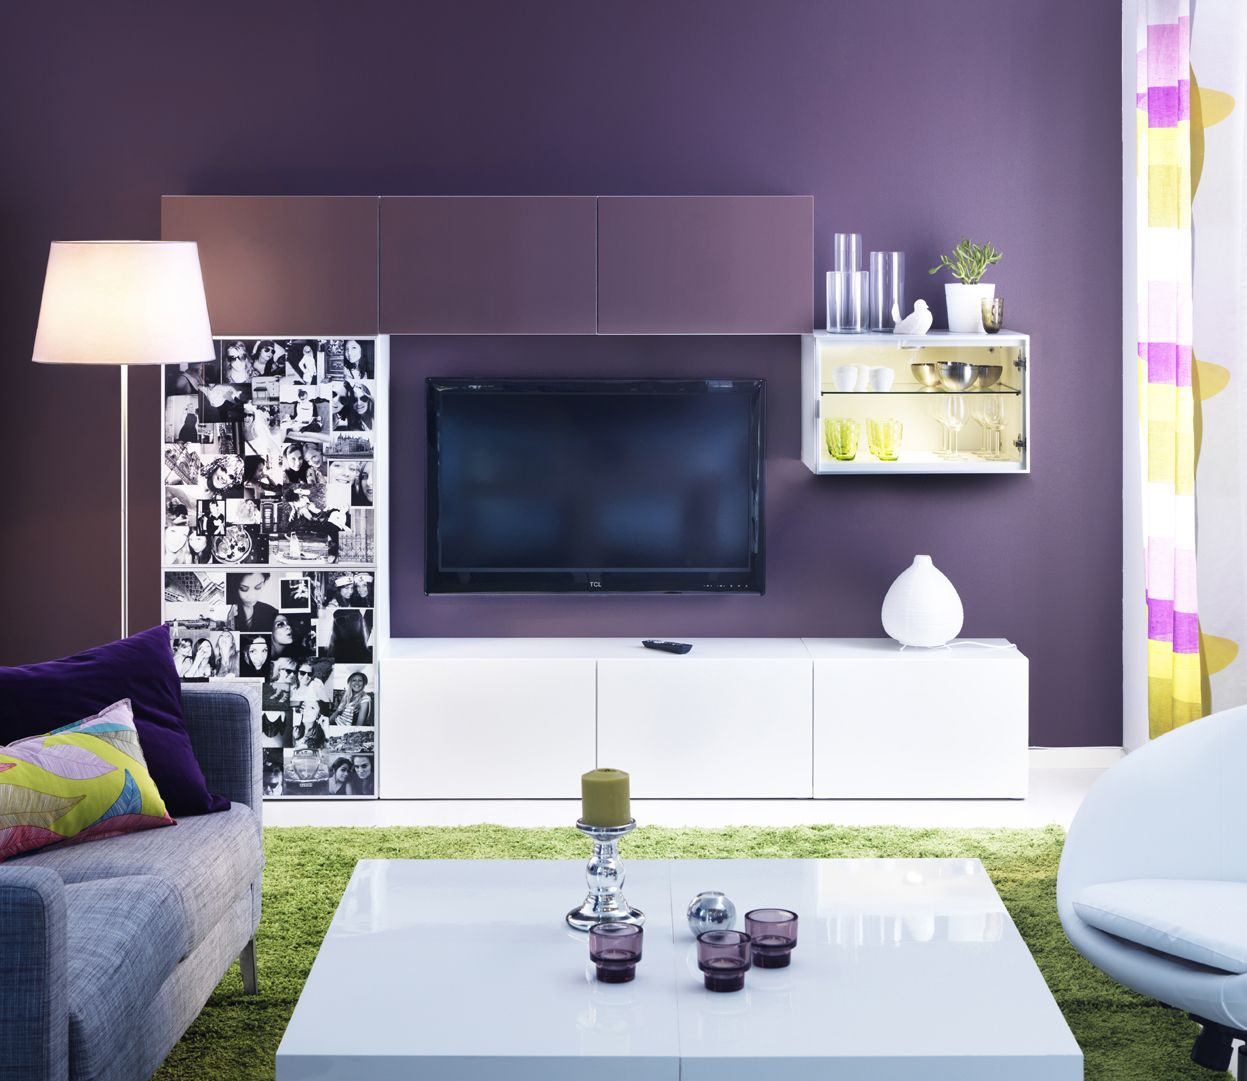 Wohnzimmermöbel online kaufen  Wohnzimmermöbel, Schöne wohnzimmer